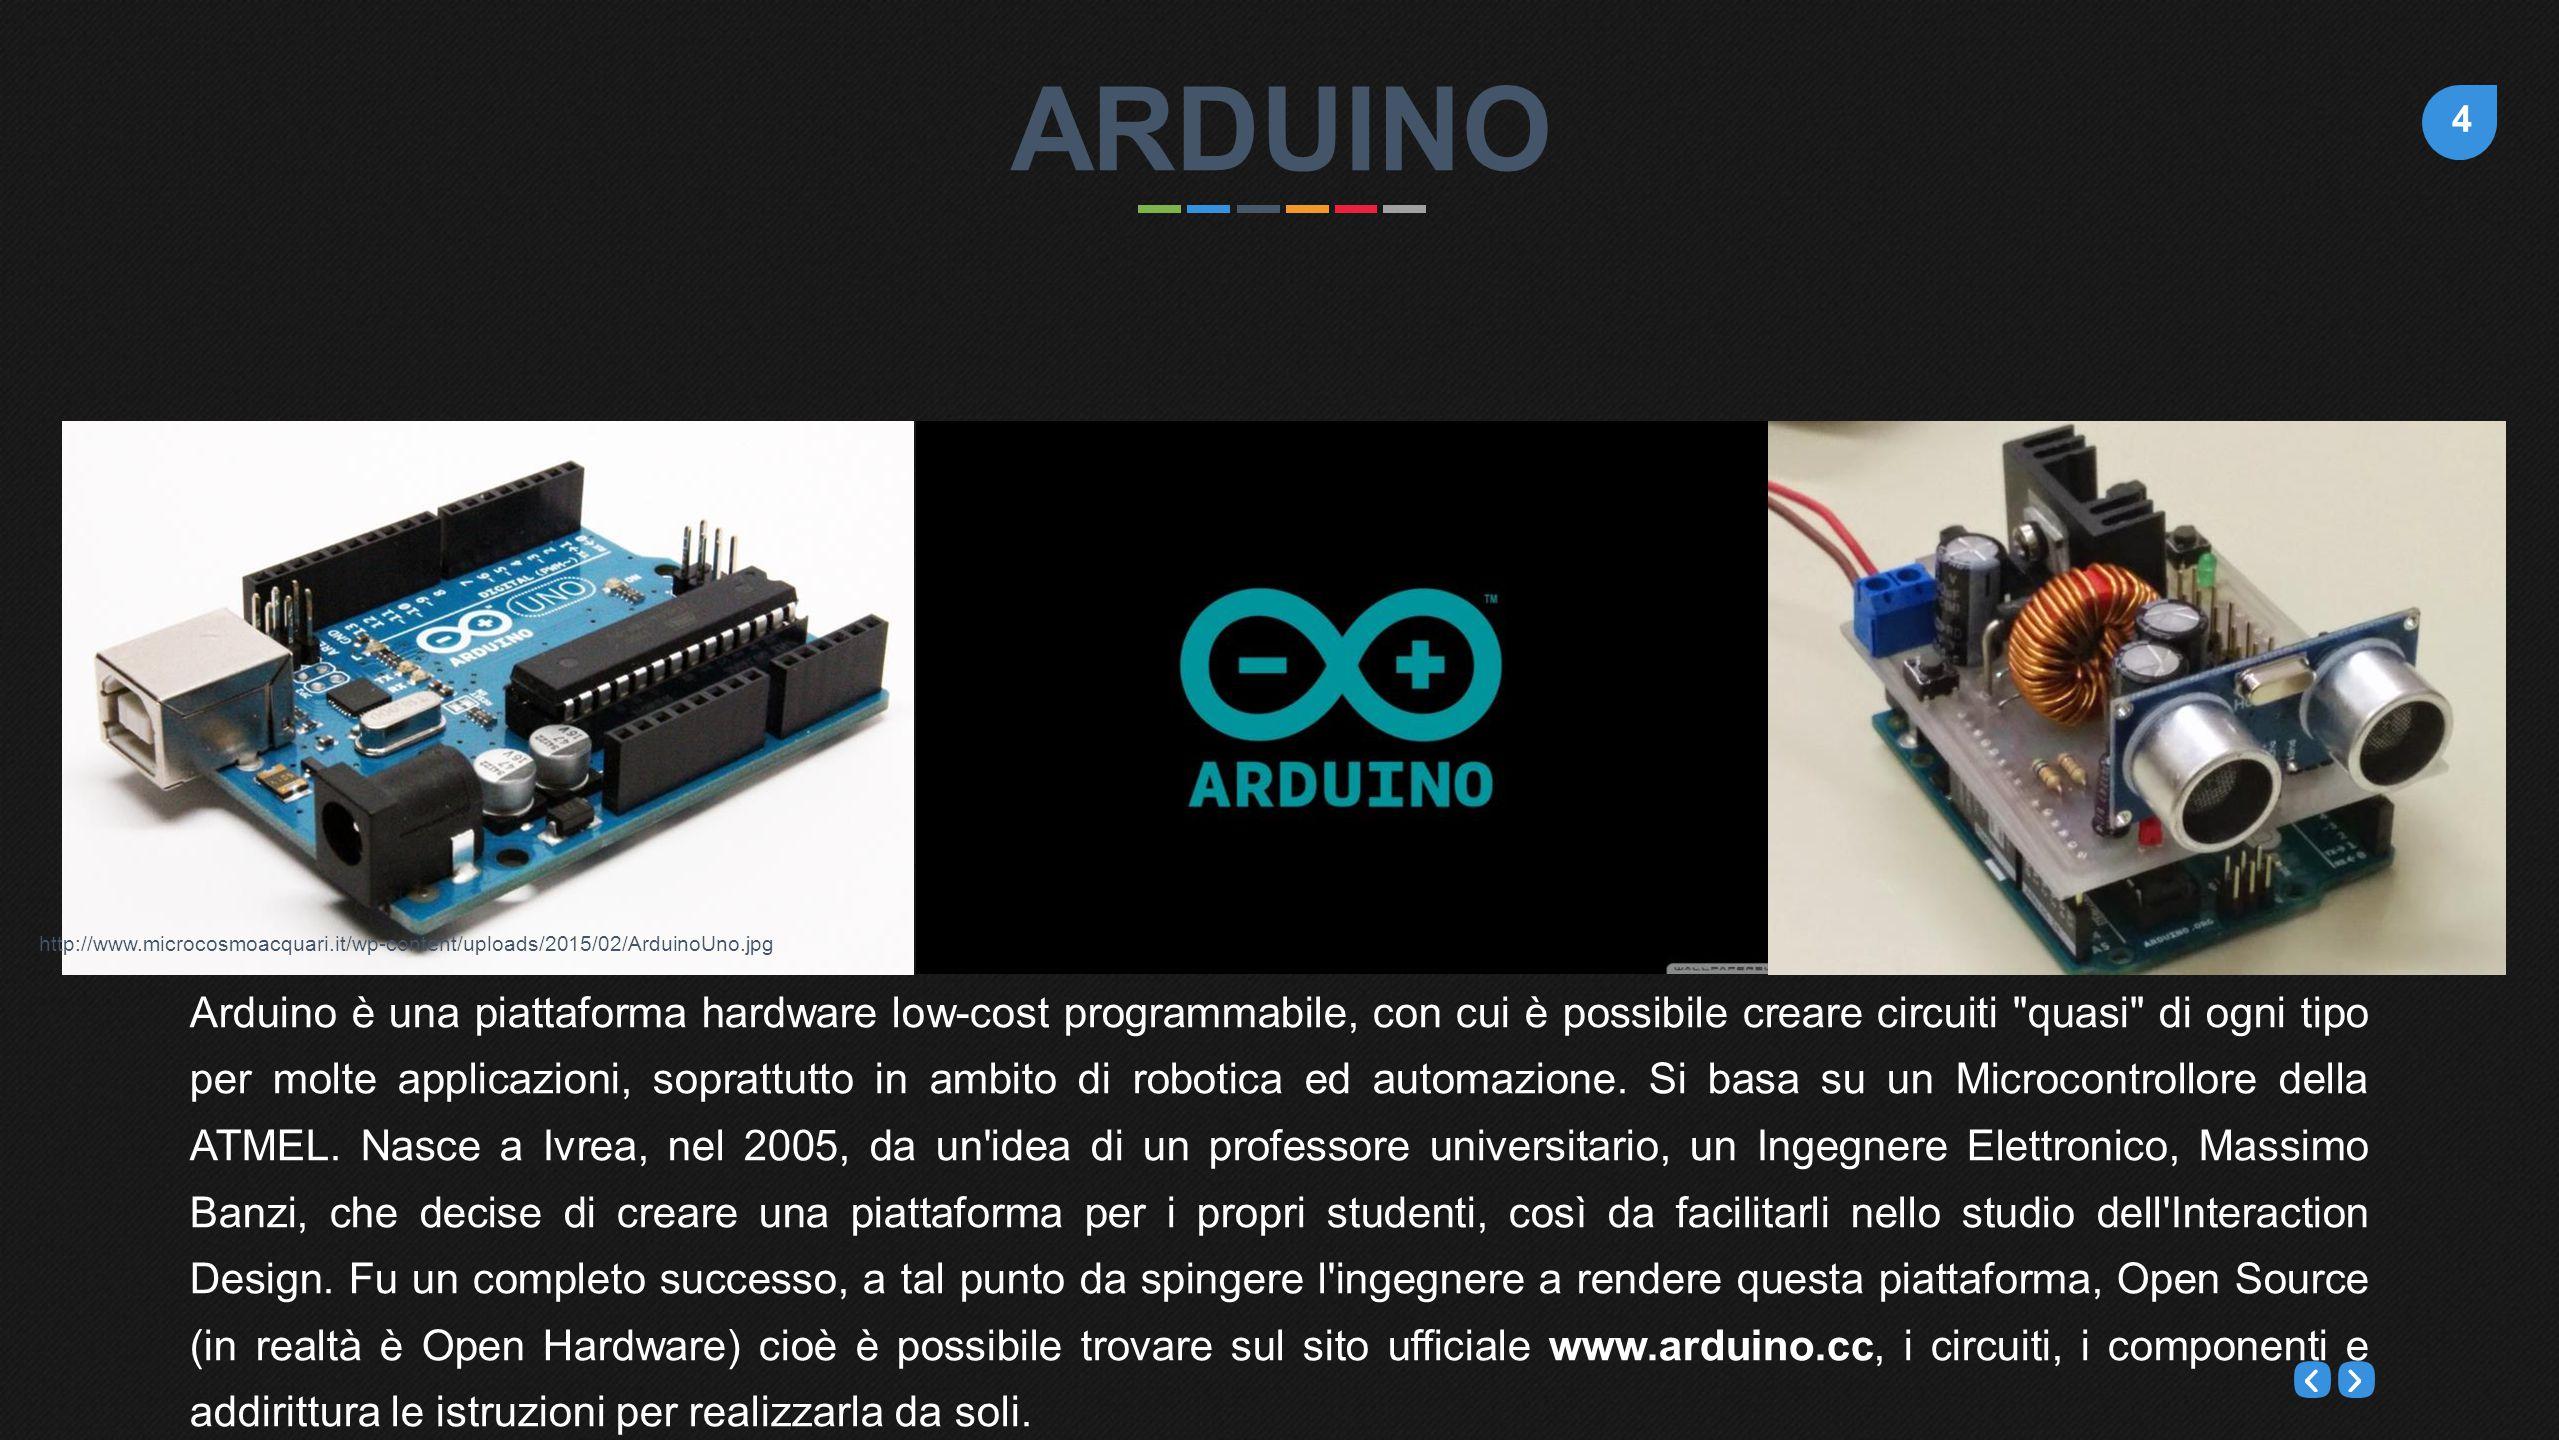 4 Arduino è una piattaforma hardware low-cost programmabile, con cui è possibile creare circuiti